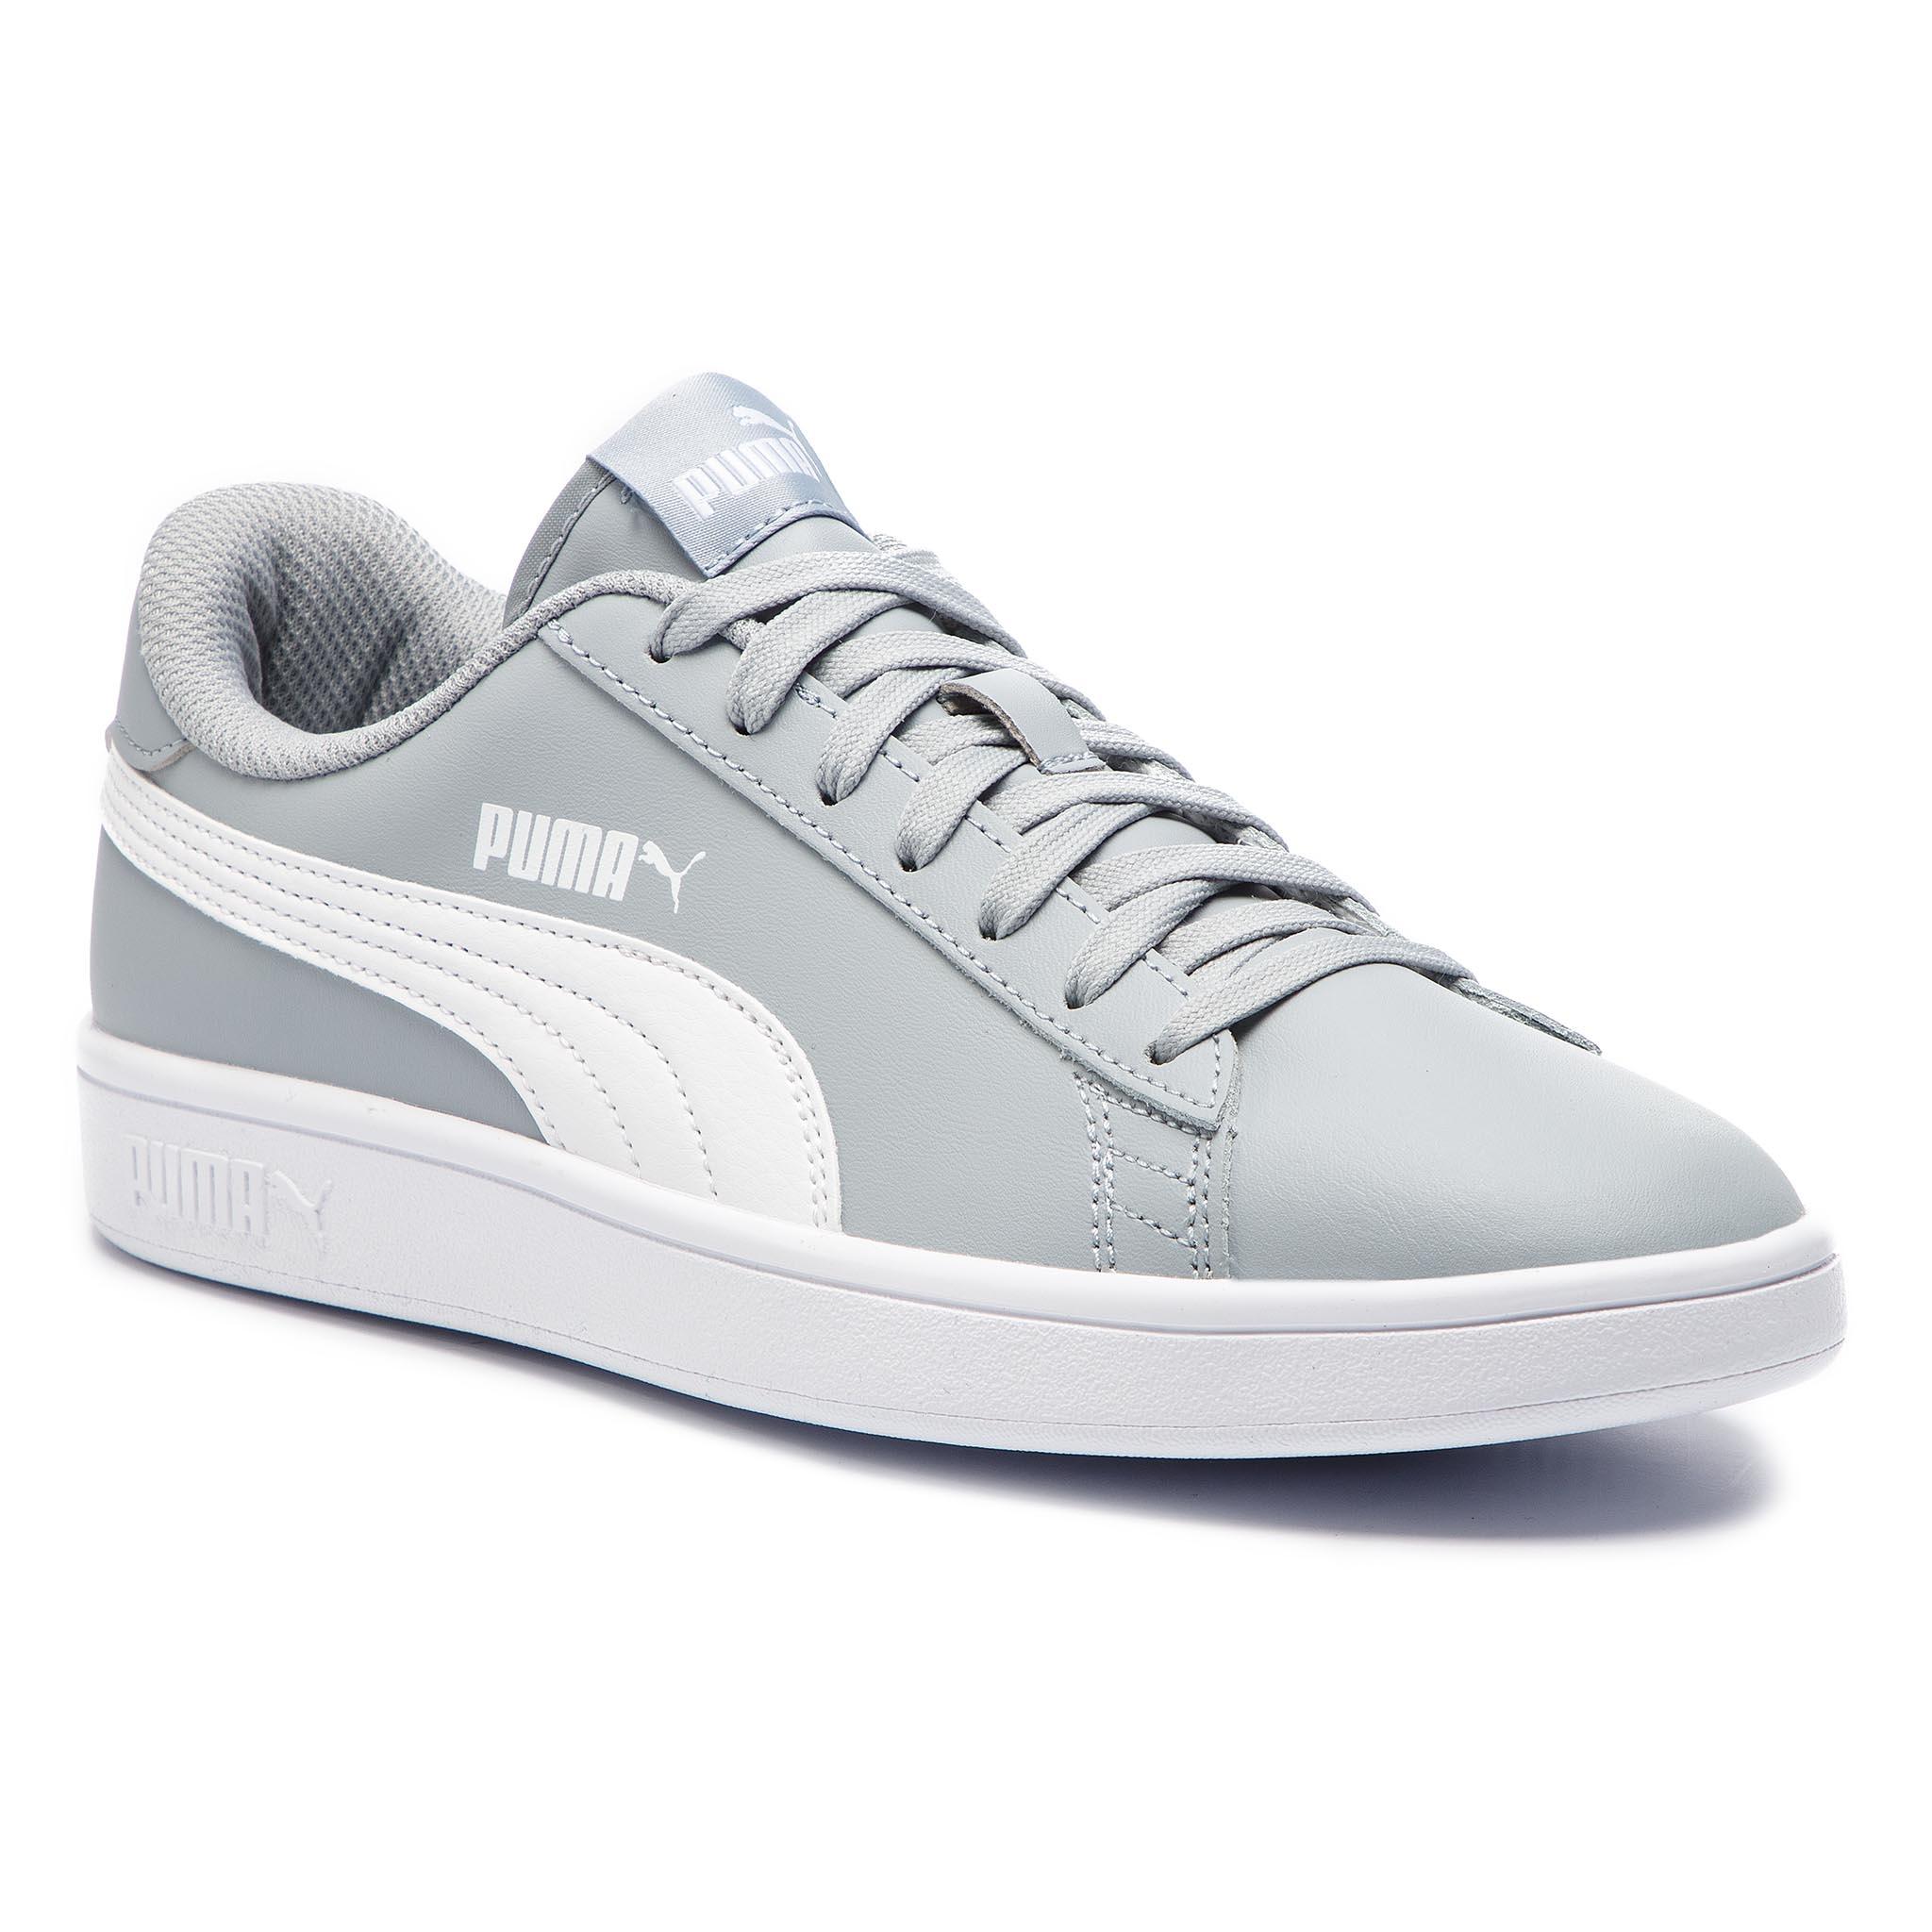 Black Puma Sneakers 365160 Blackpuma Smash Buck V2 05 eW2IHE9DY